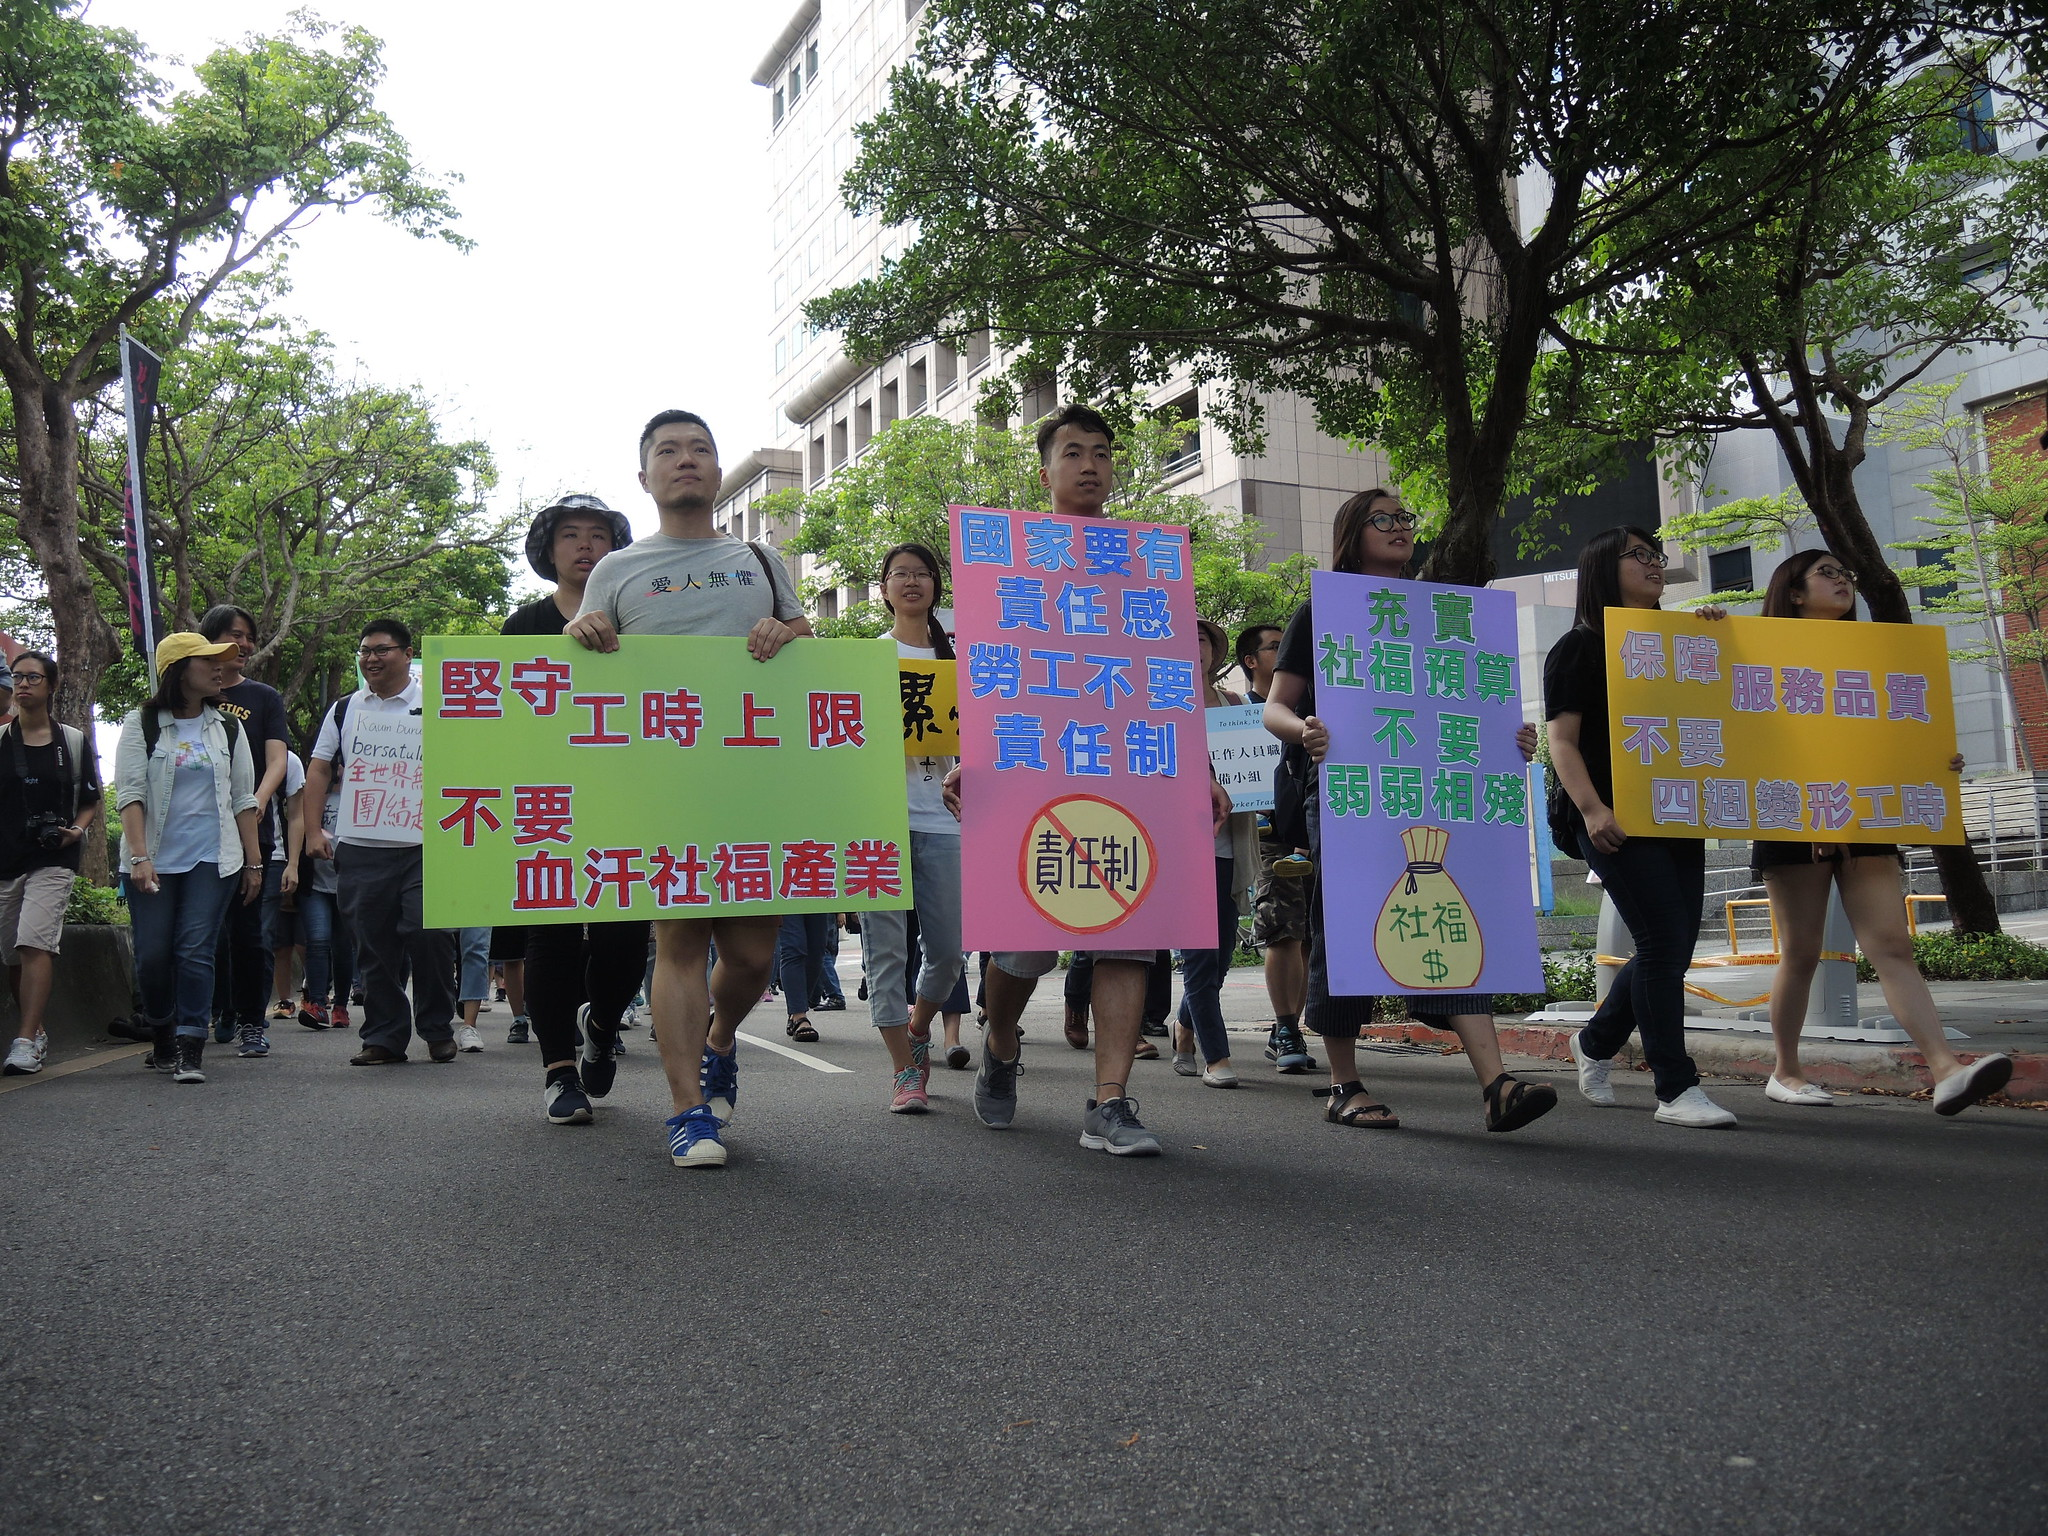 社福產業的勞工在五一遊行的隊伍裡。(攝影:曾福全)